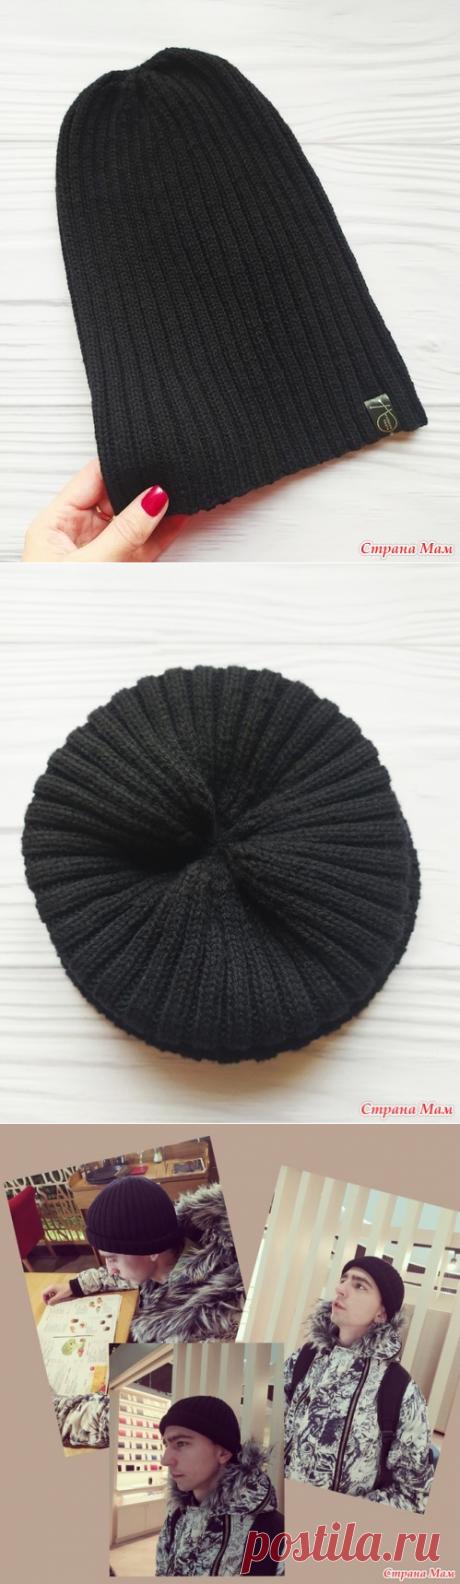 Модная мужская шапка спицами. Шапка хипстера. Шапка бини - Вязание - Страна Мам шали палантины